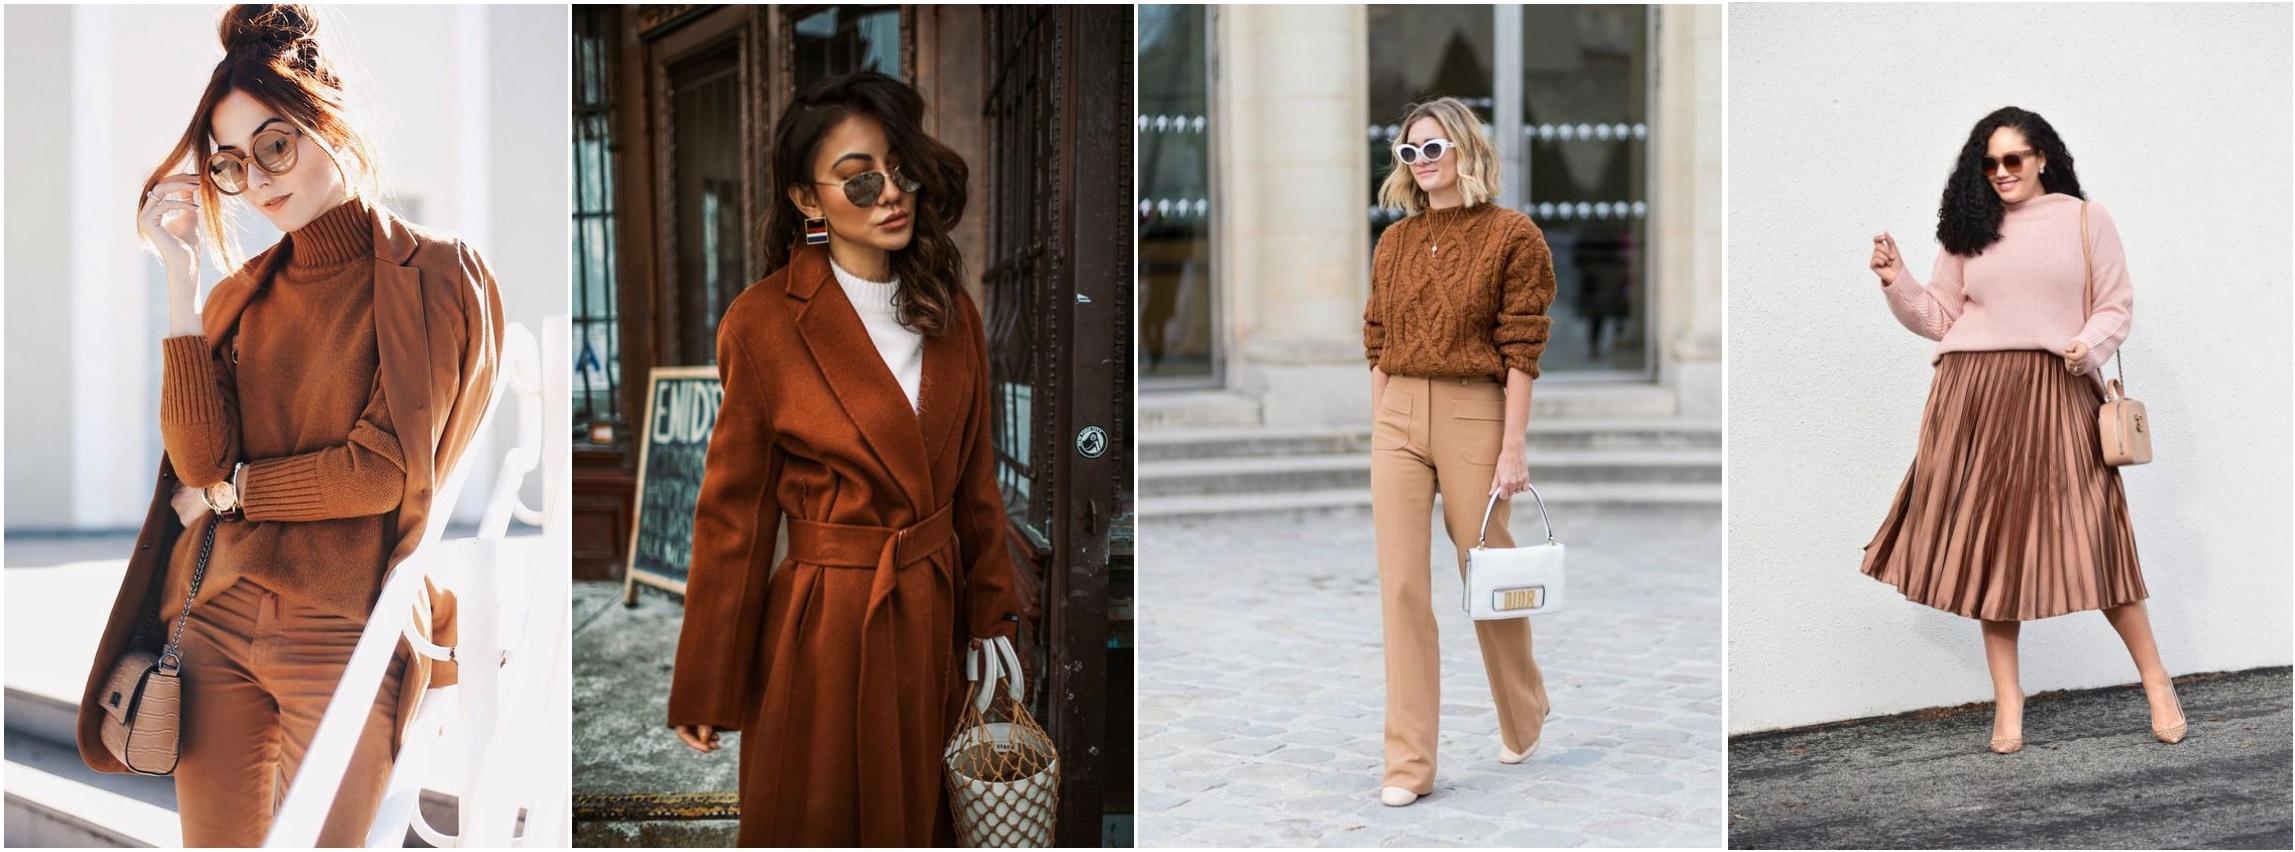 Cores para outono e inverno tendencias inverno 2019 - looks usando marrom